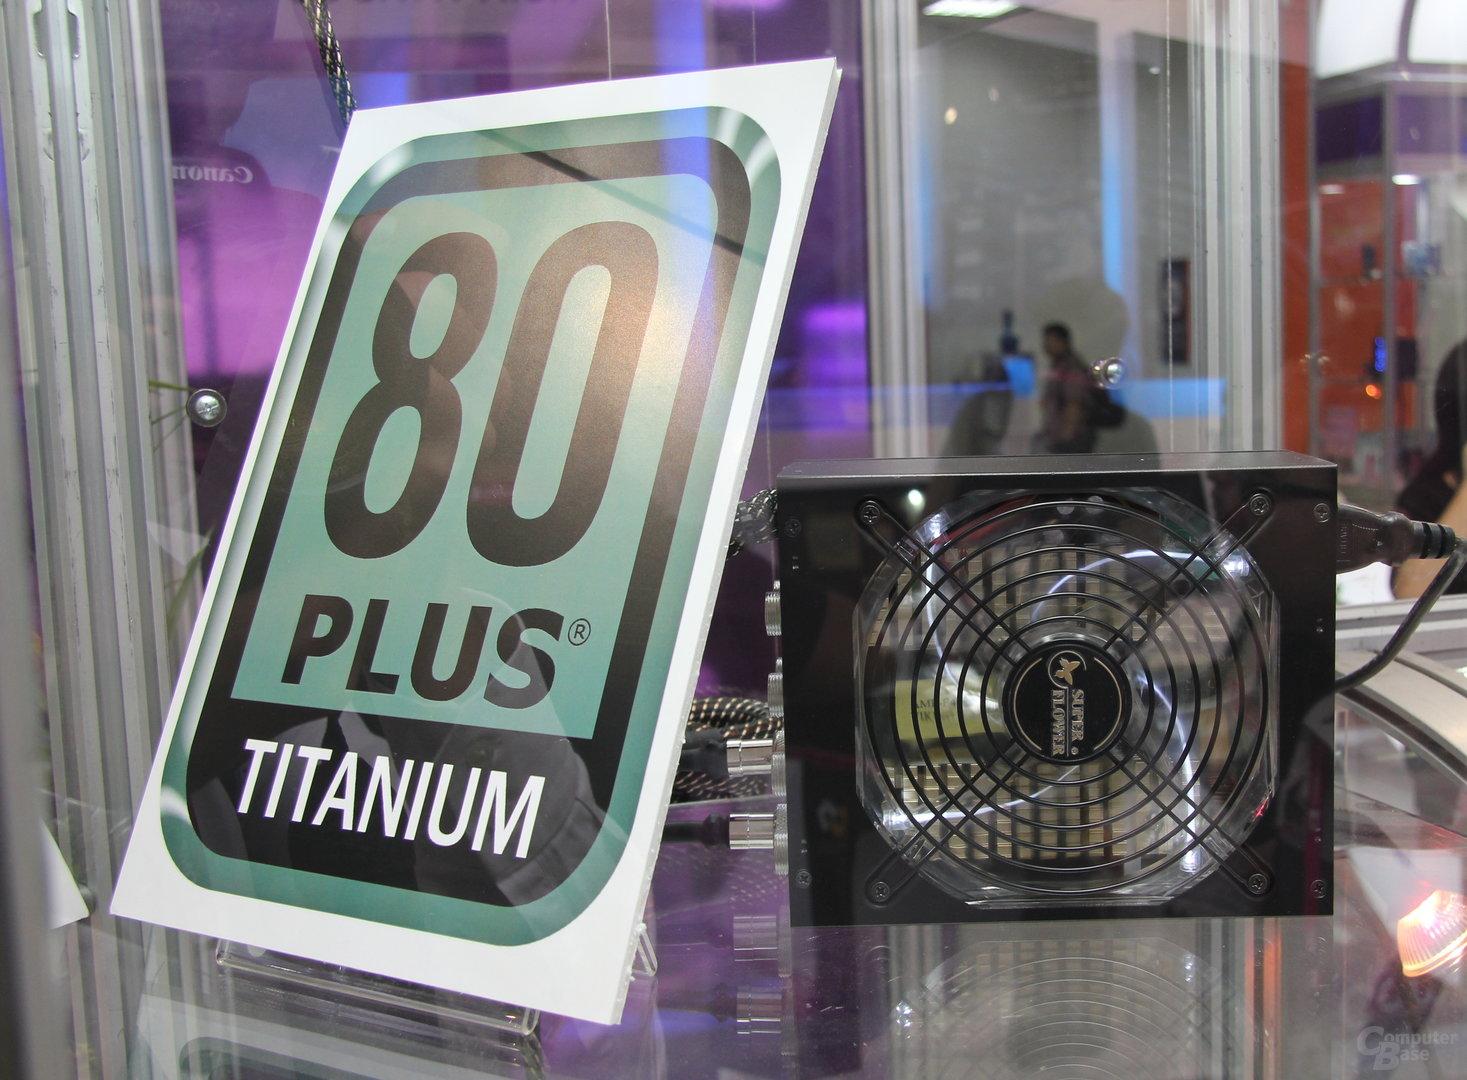 Super Flower 80Plus Titanium